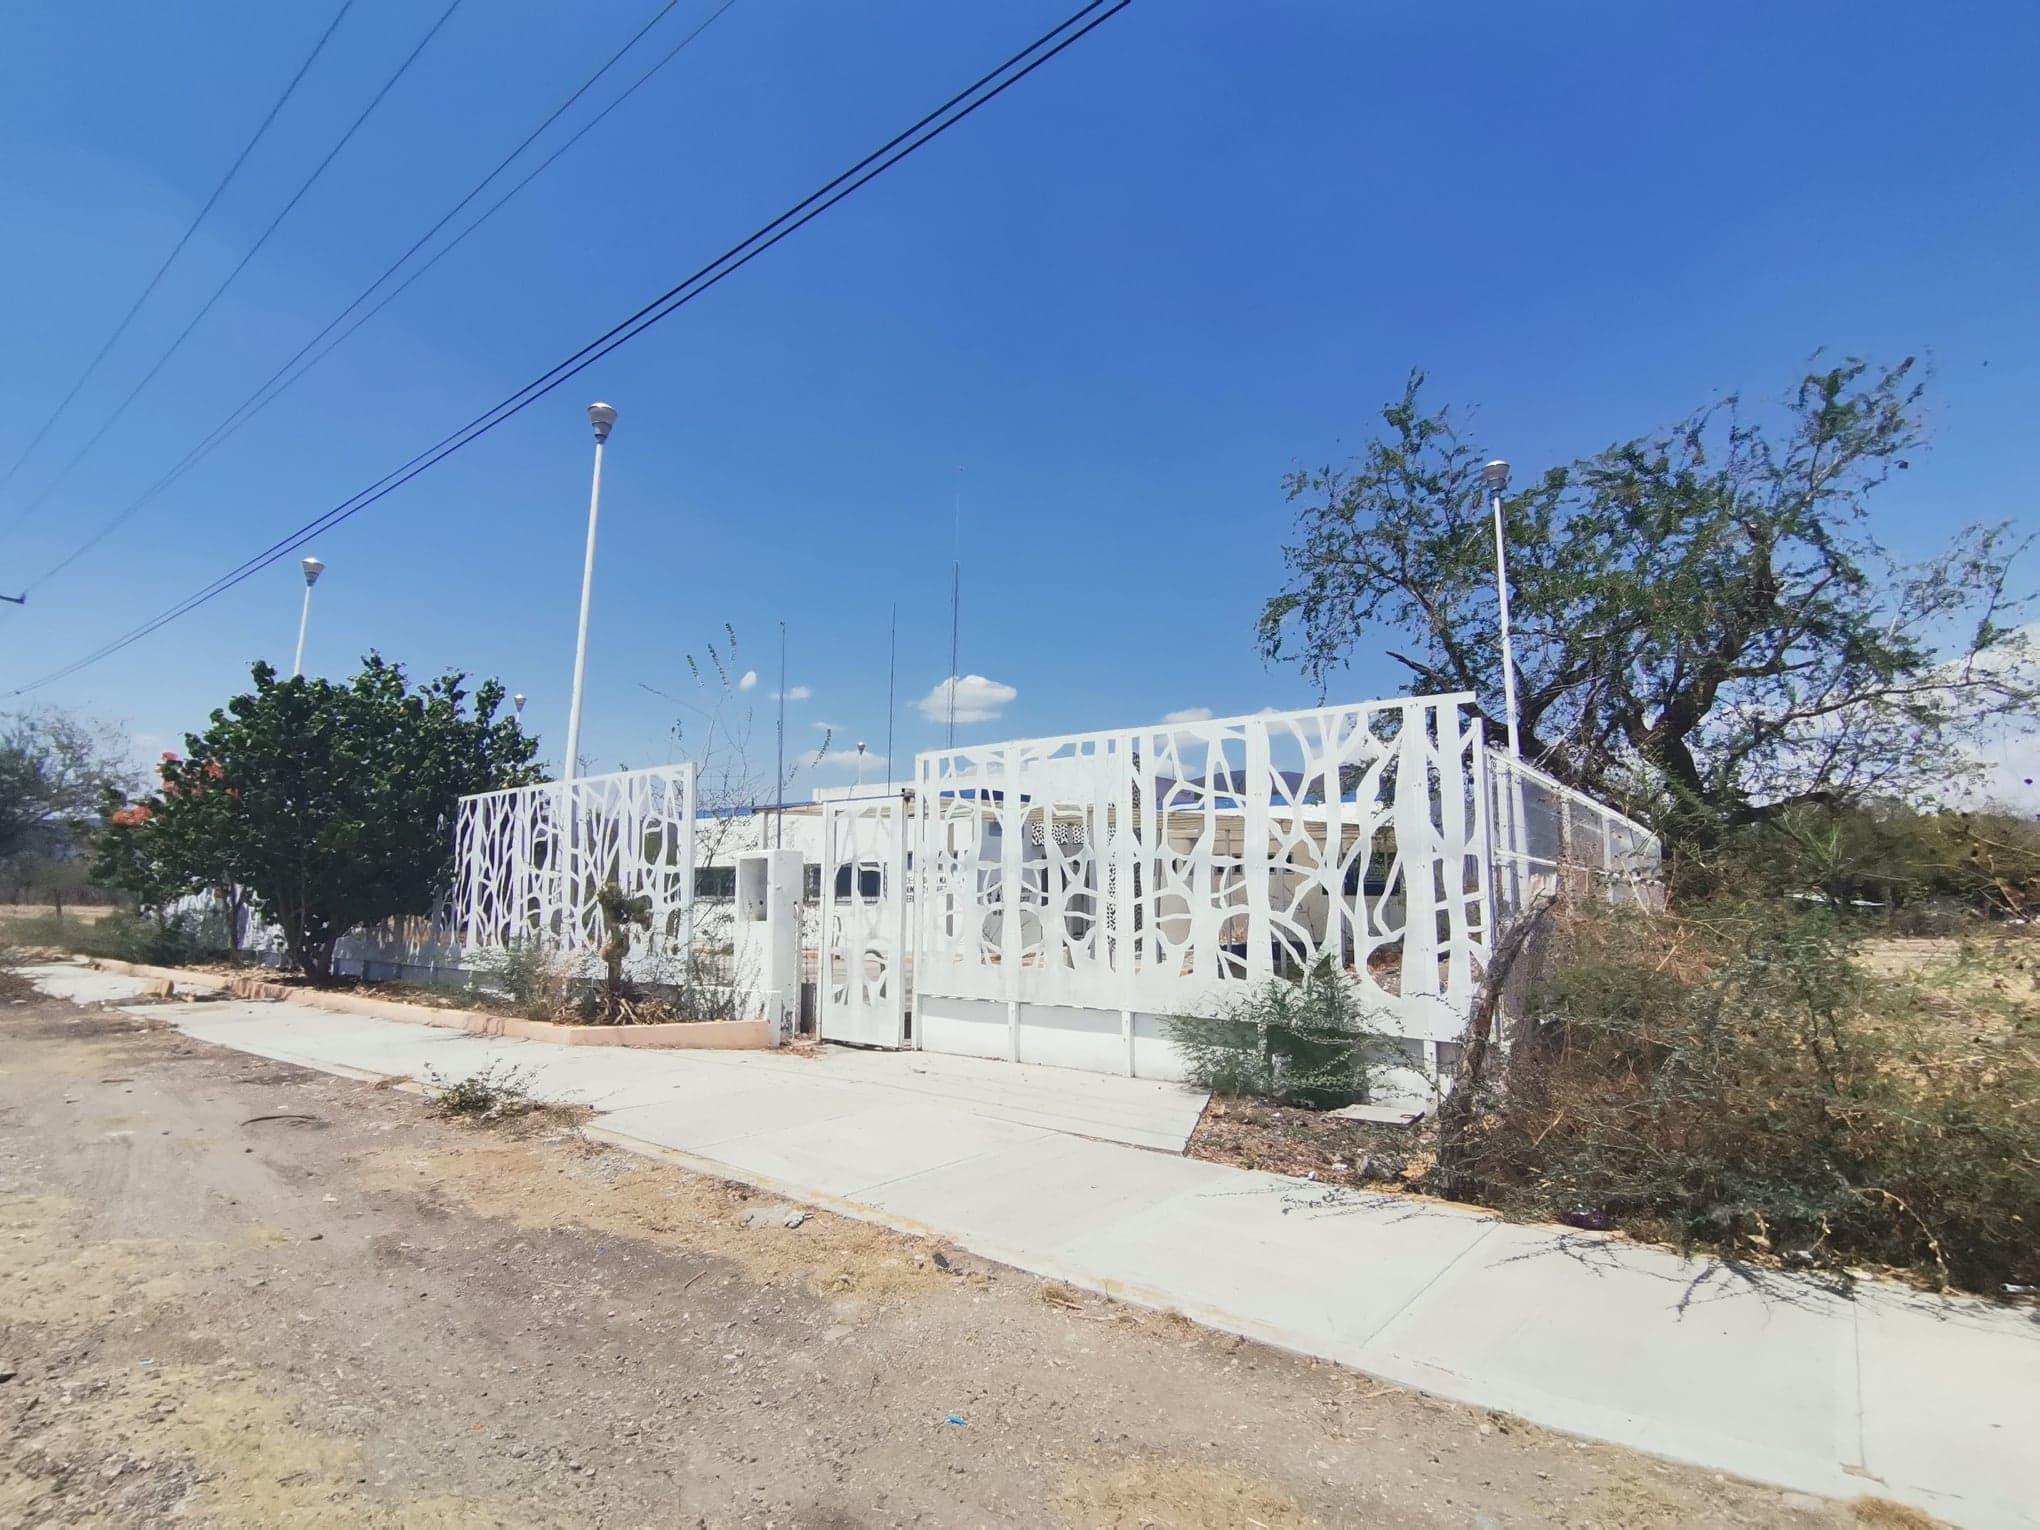 Centro de Salud de Huehuetlán el Chico, en el olvido